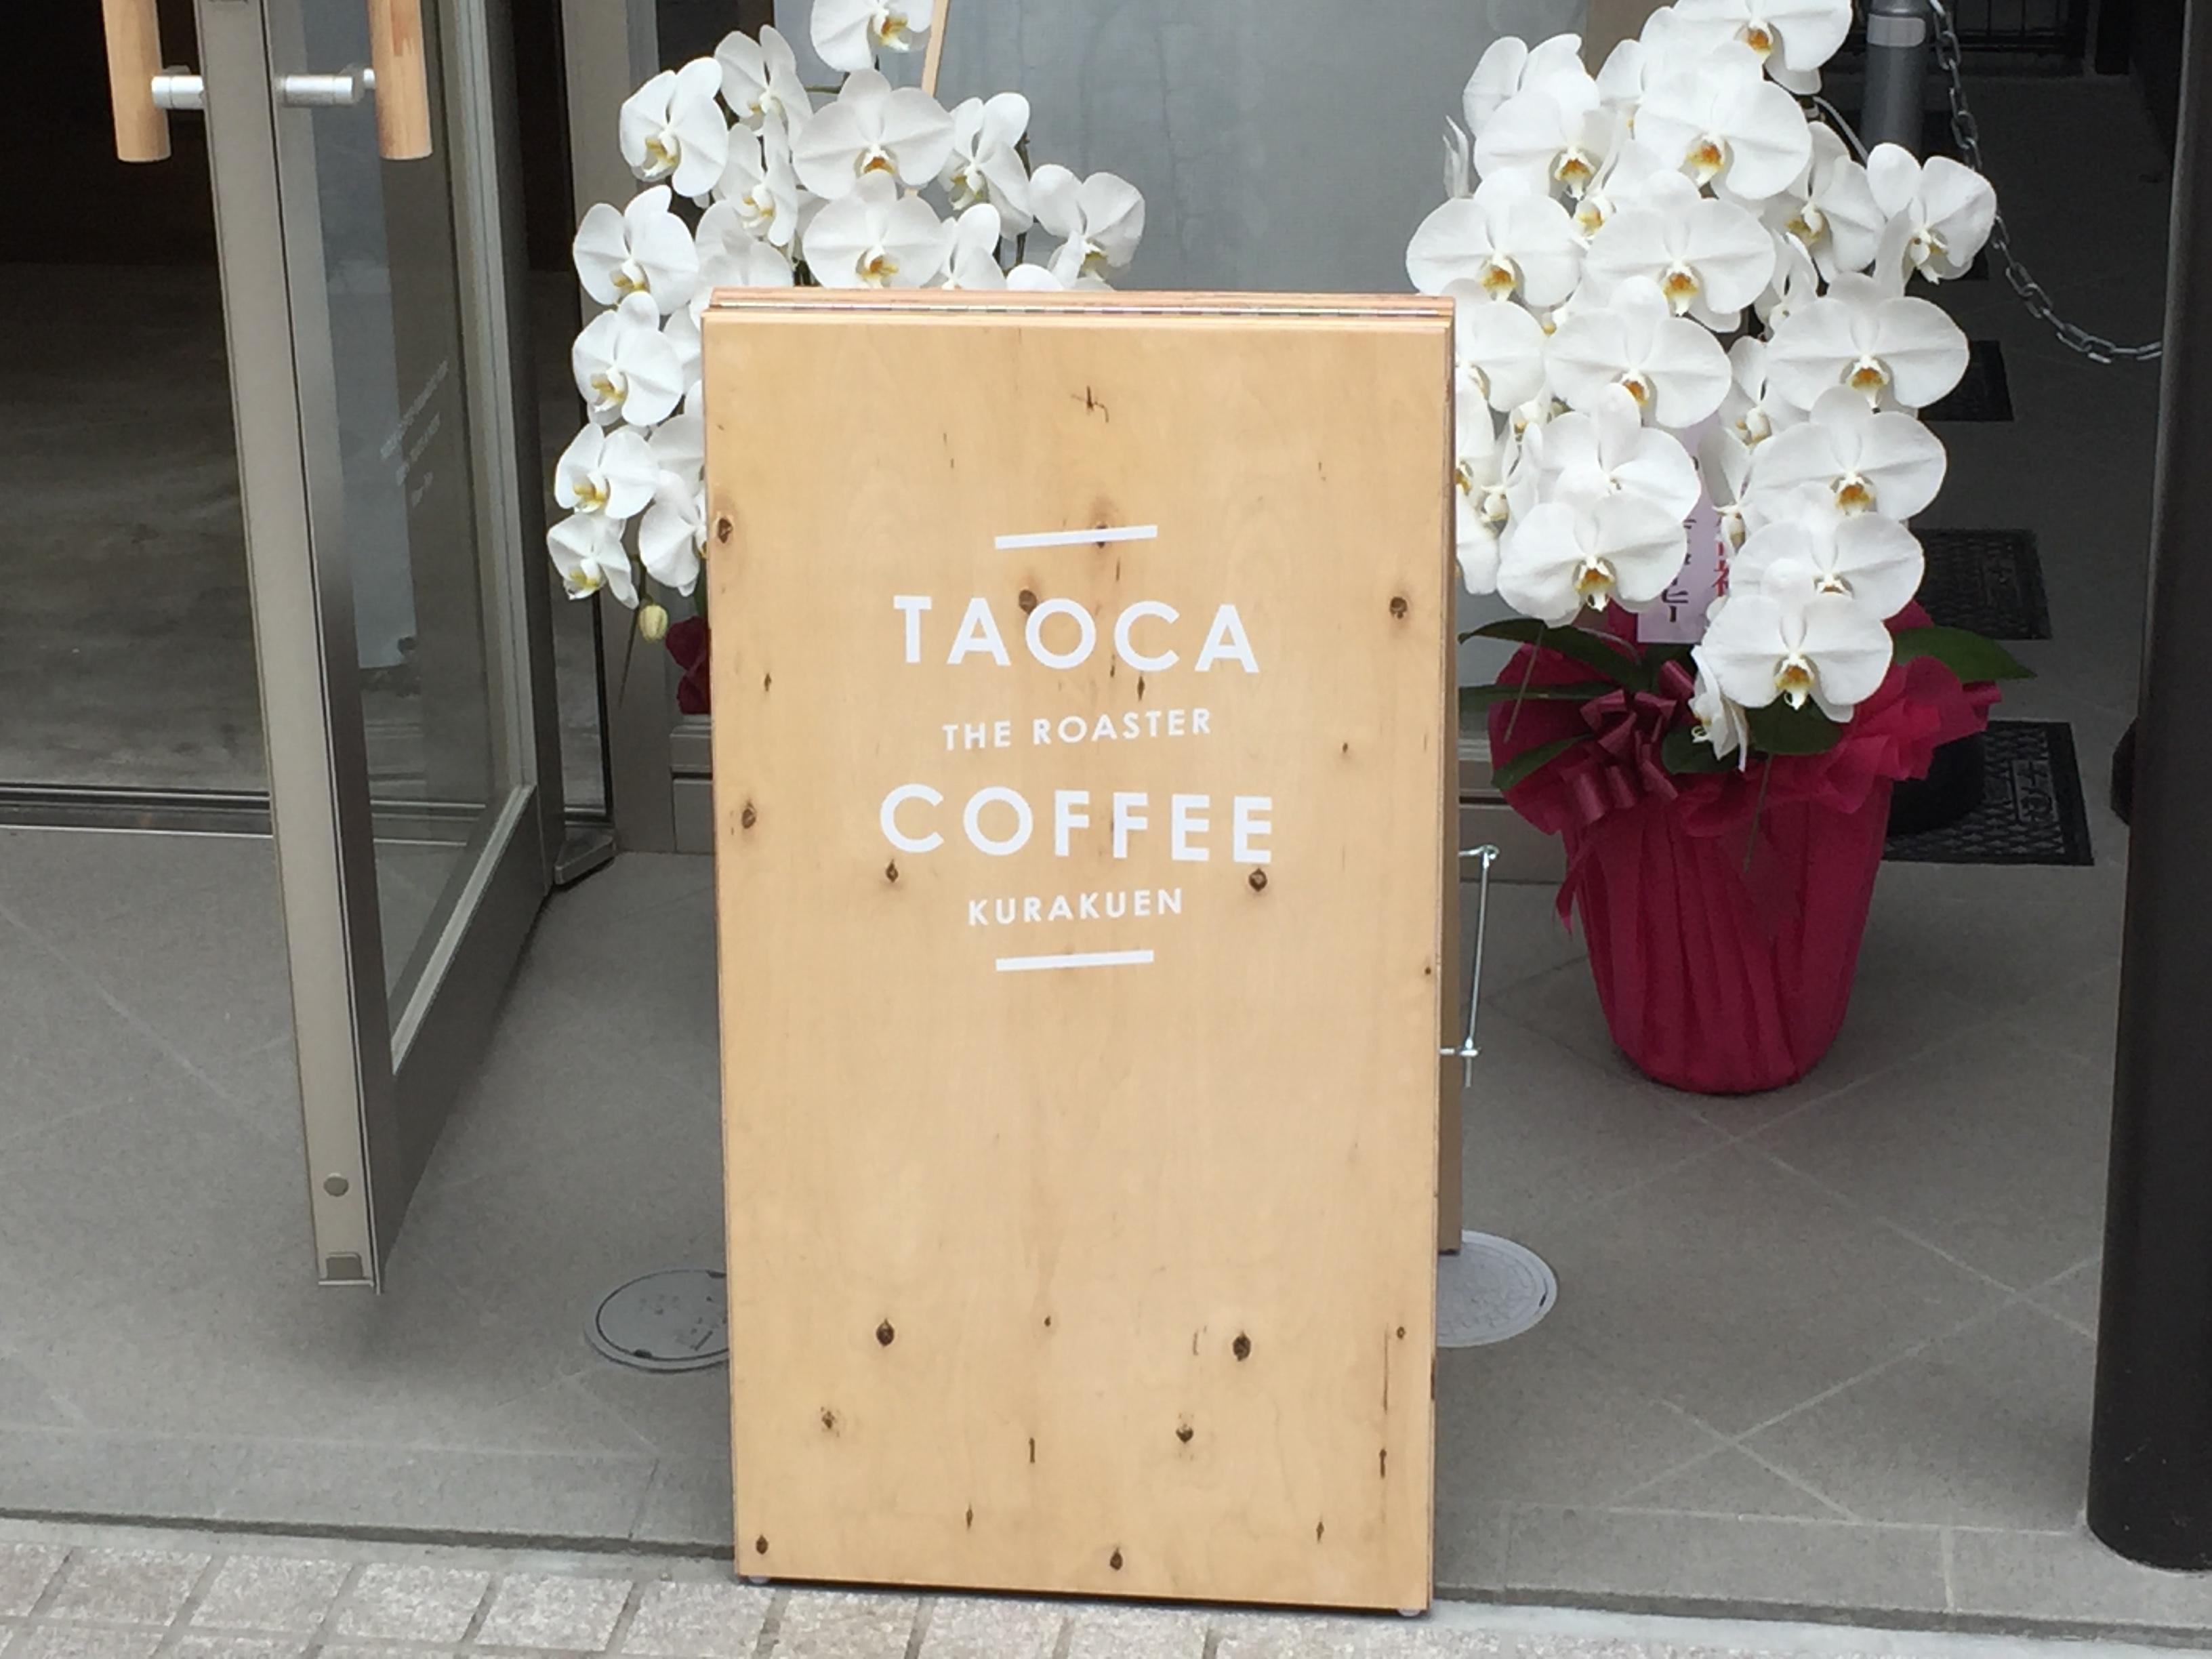 神戸・阪急岡本駅すぐそばに「TAOCA COFFEE(タオカコーヒー)」が7/28(金) オープンしたよ!【※写真追加あり】#新規オープン